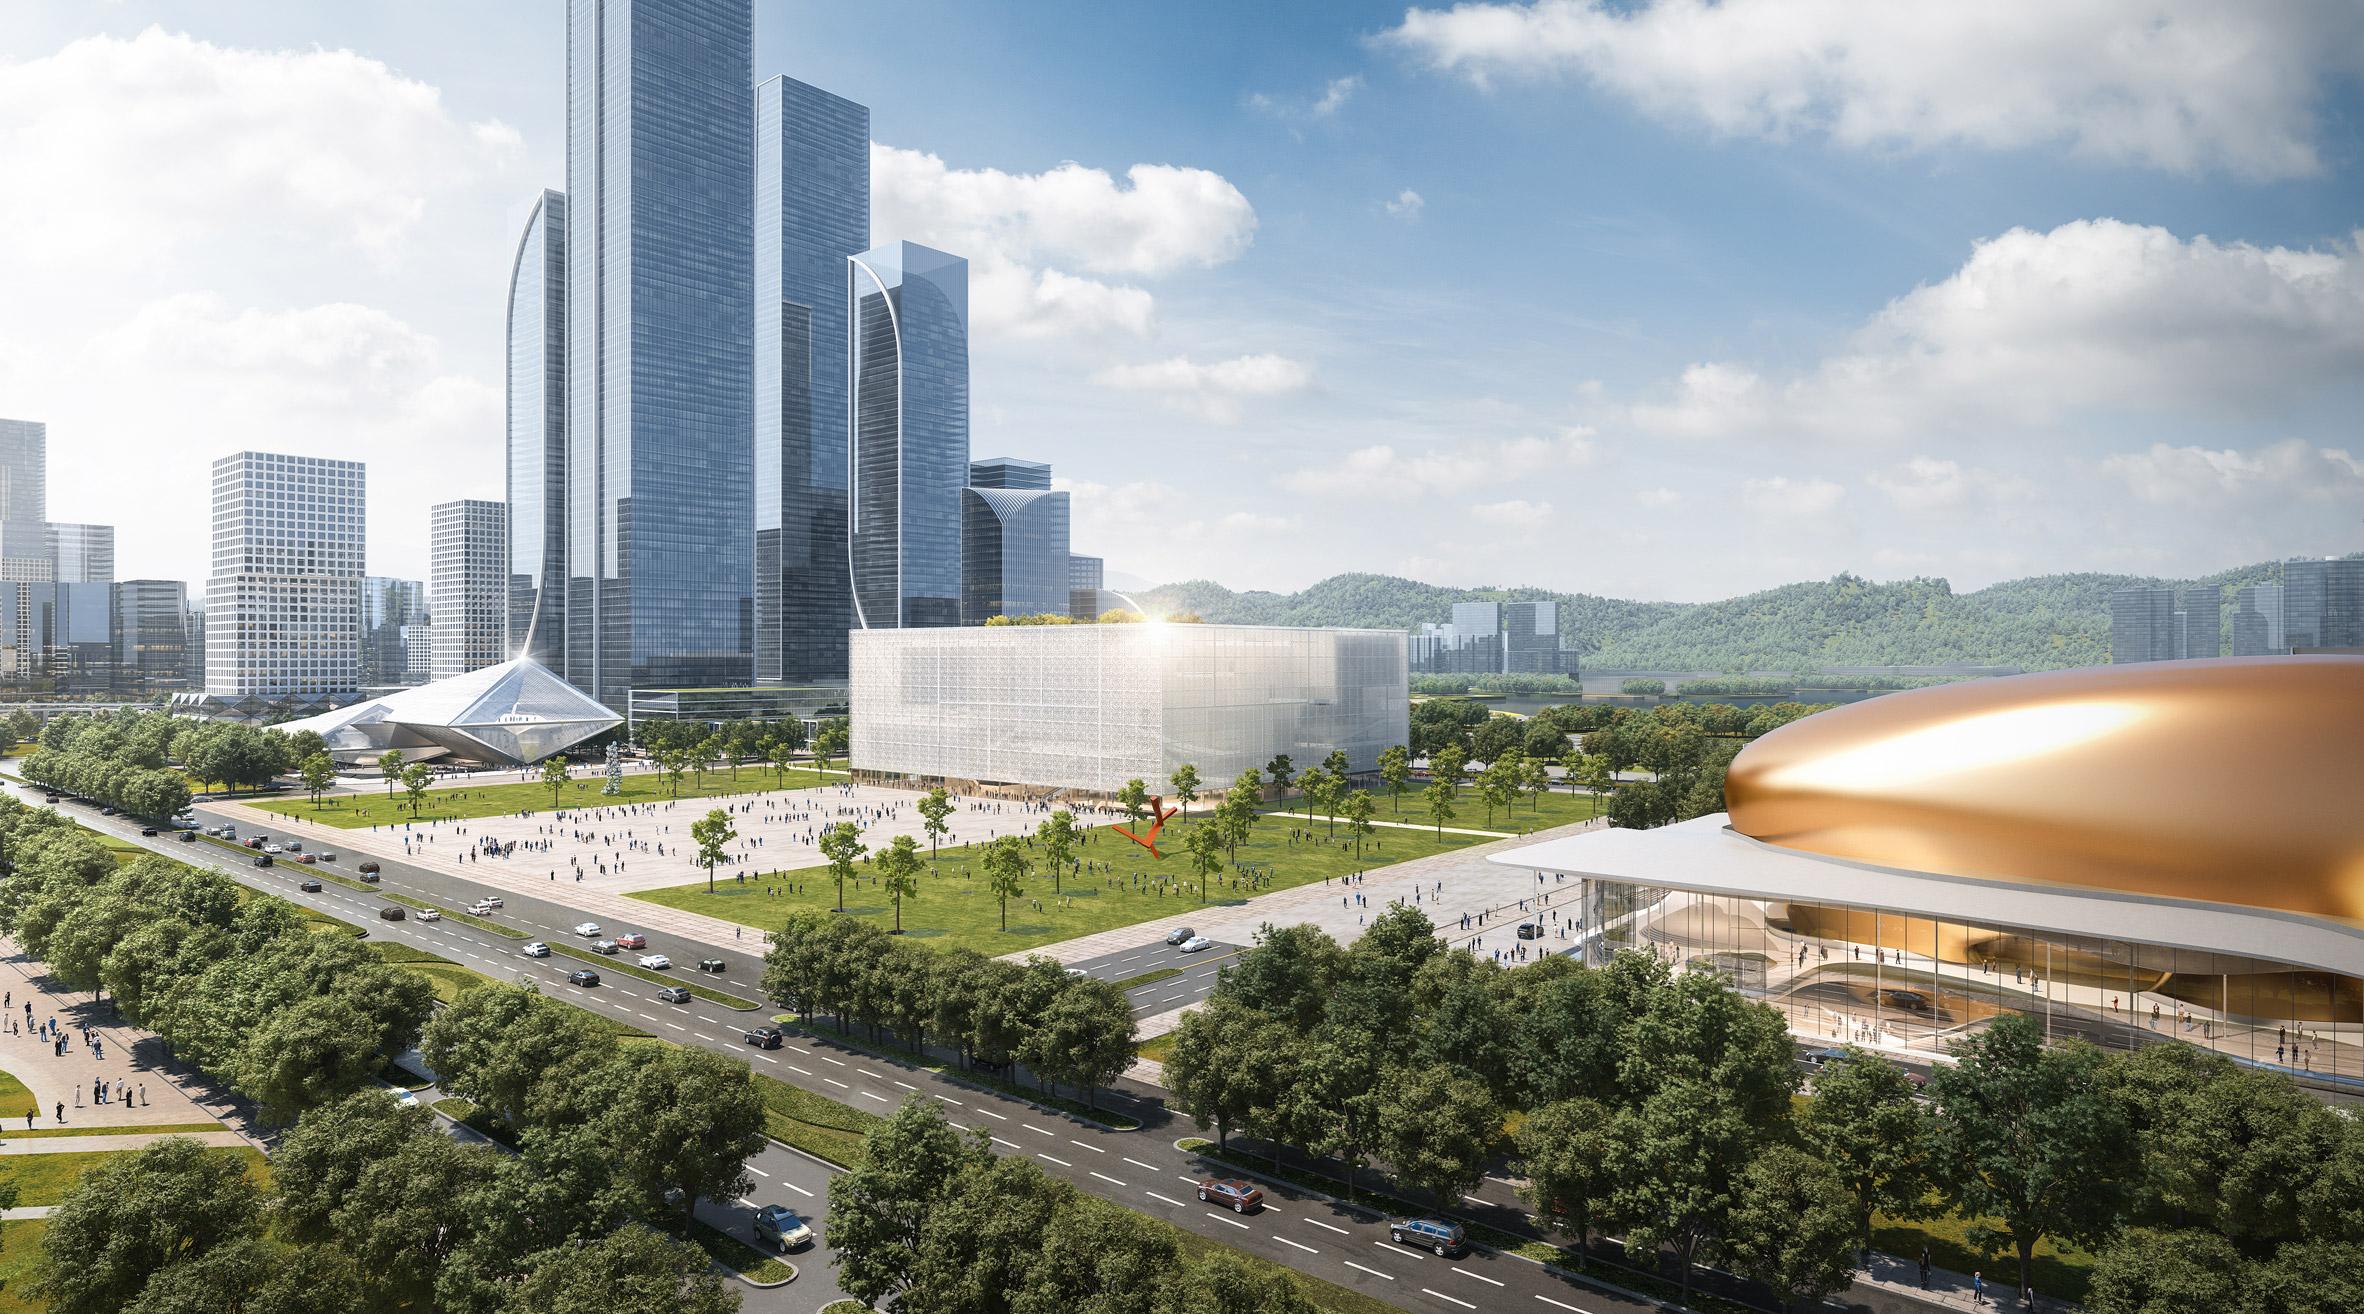 sou fujimoto Centro de Exposições de Reforma e Abertura de Shenzhen China arquitetura fachada